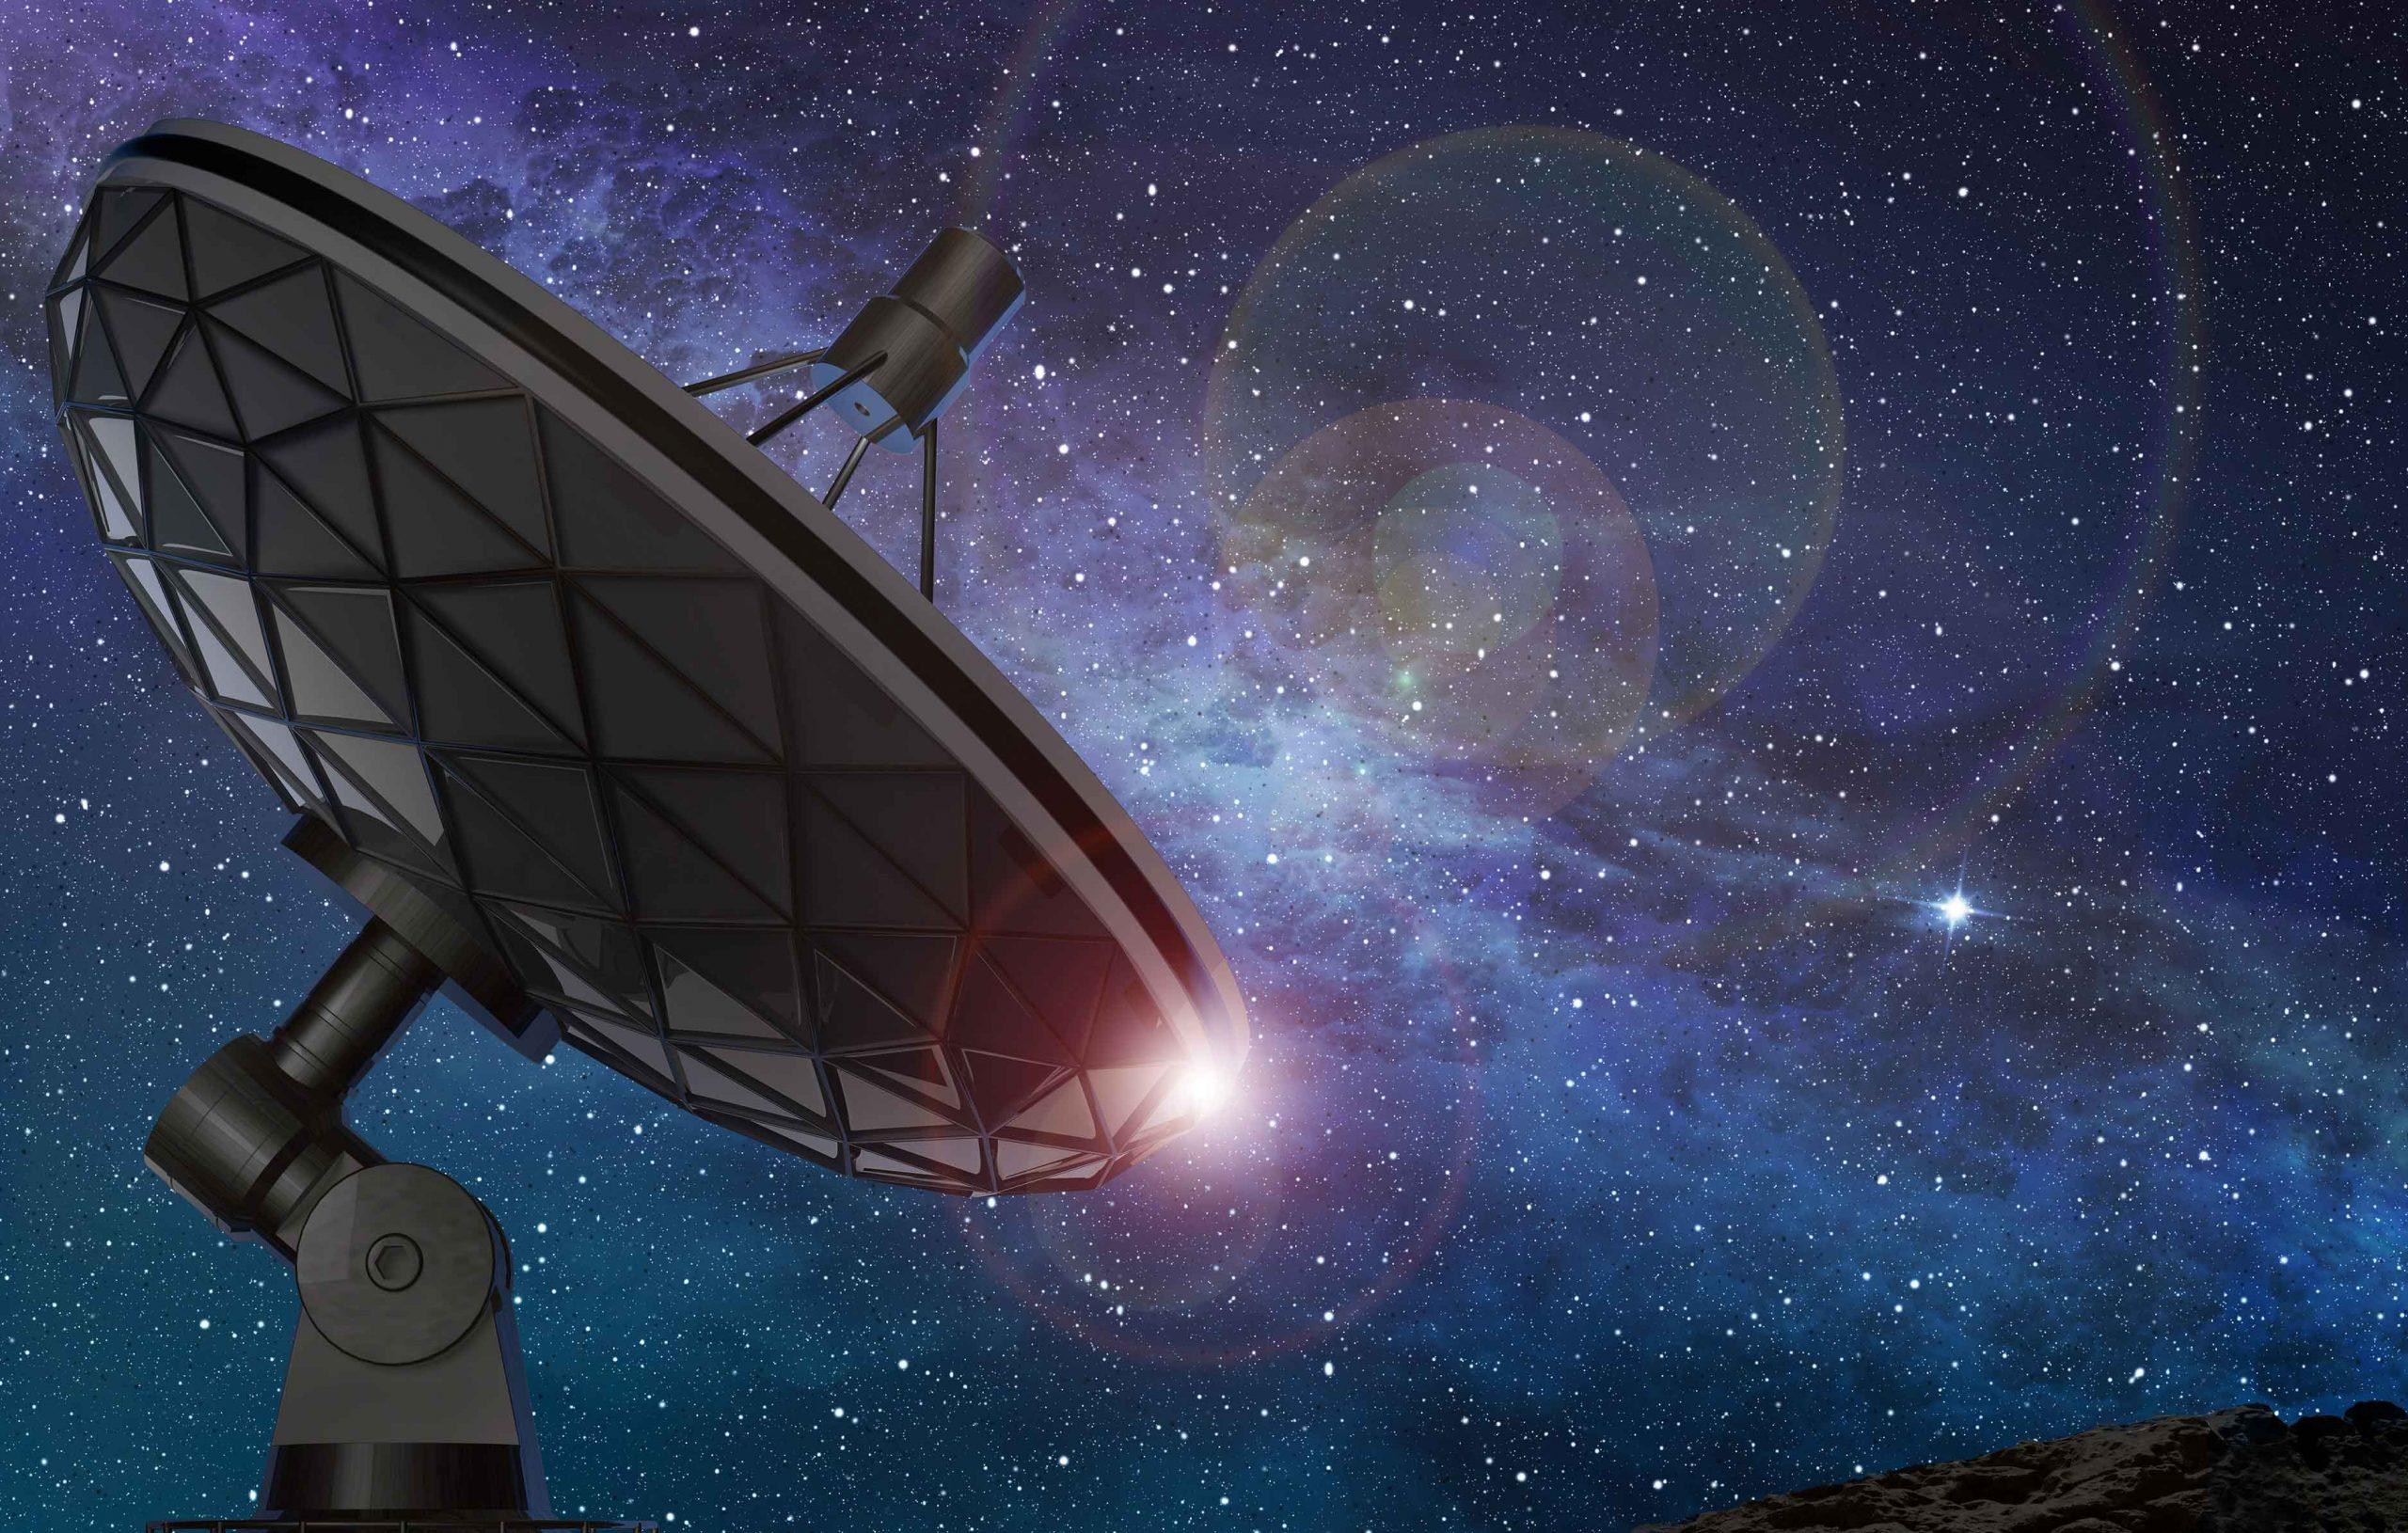 Radioteleskop-Uebersicht